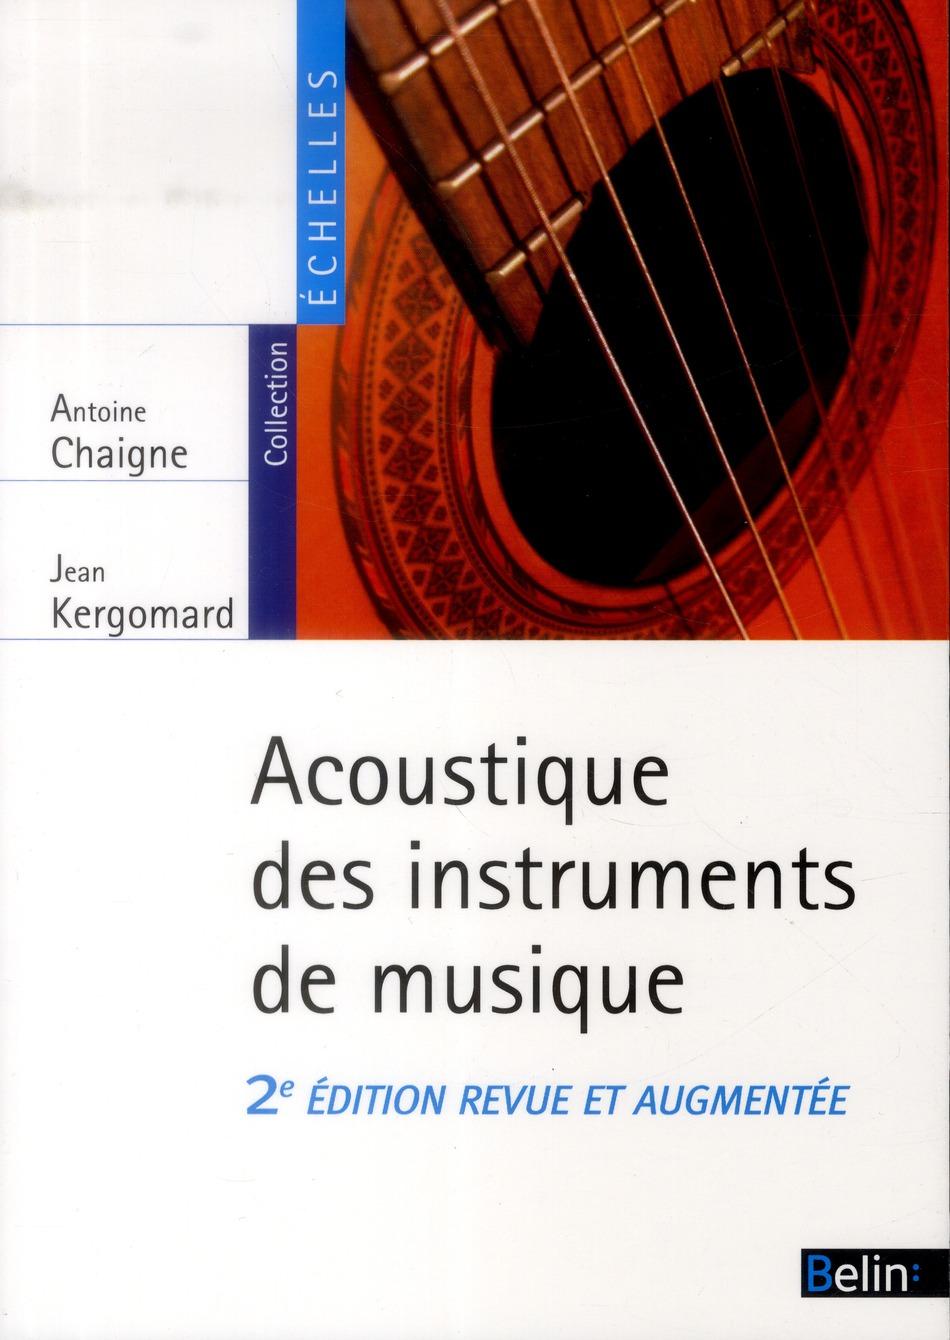 L'acoustique des instruments de musique (2e édition)